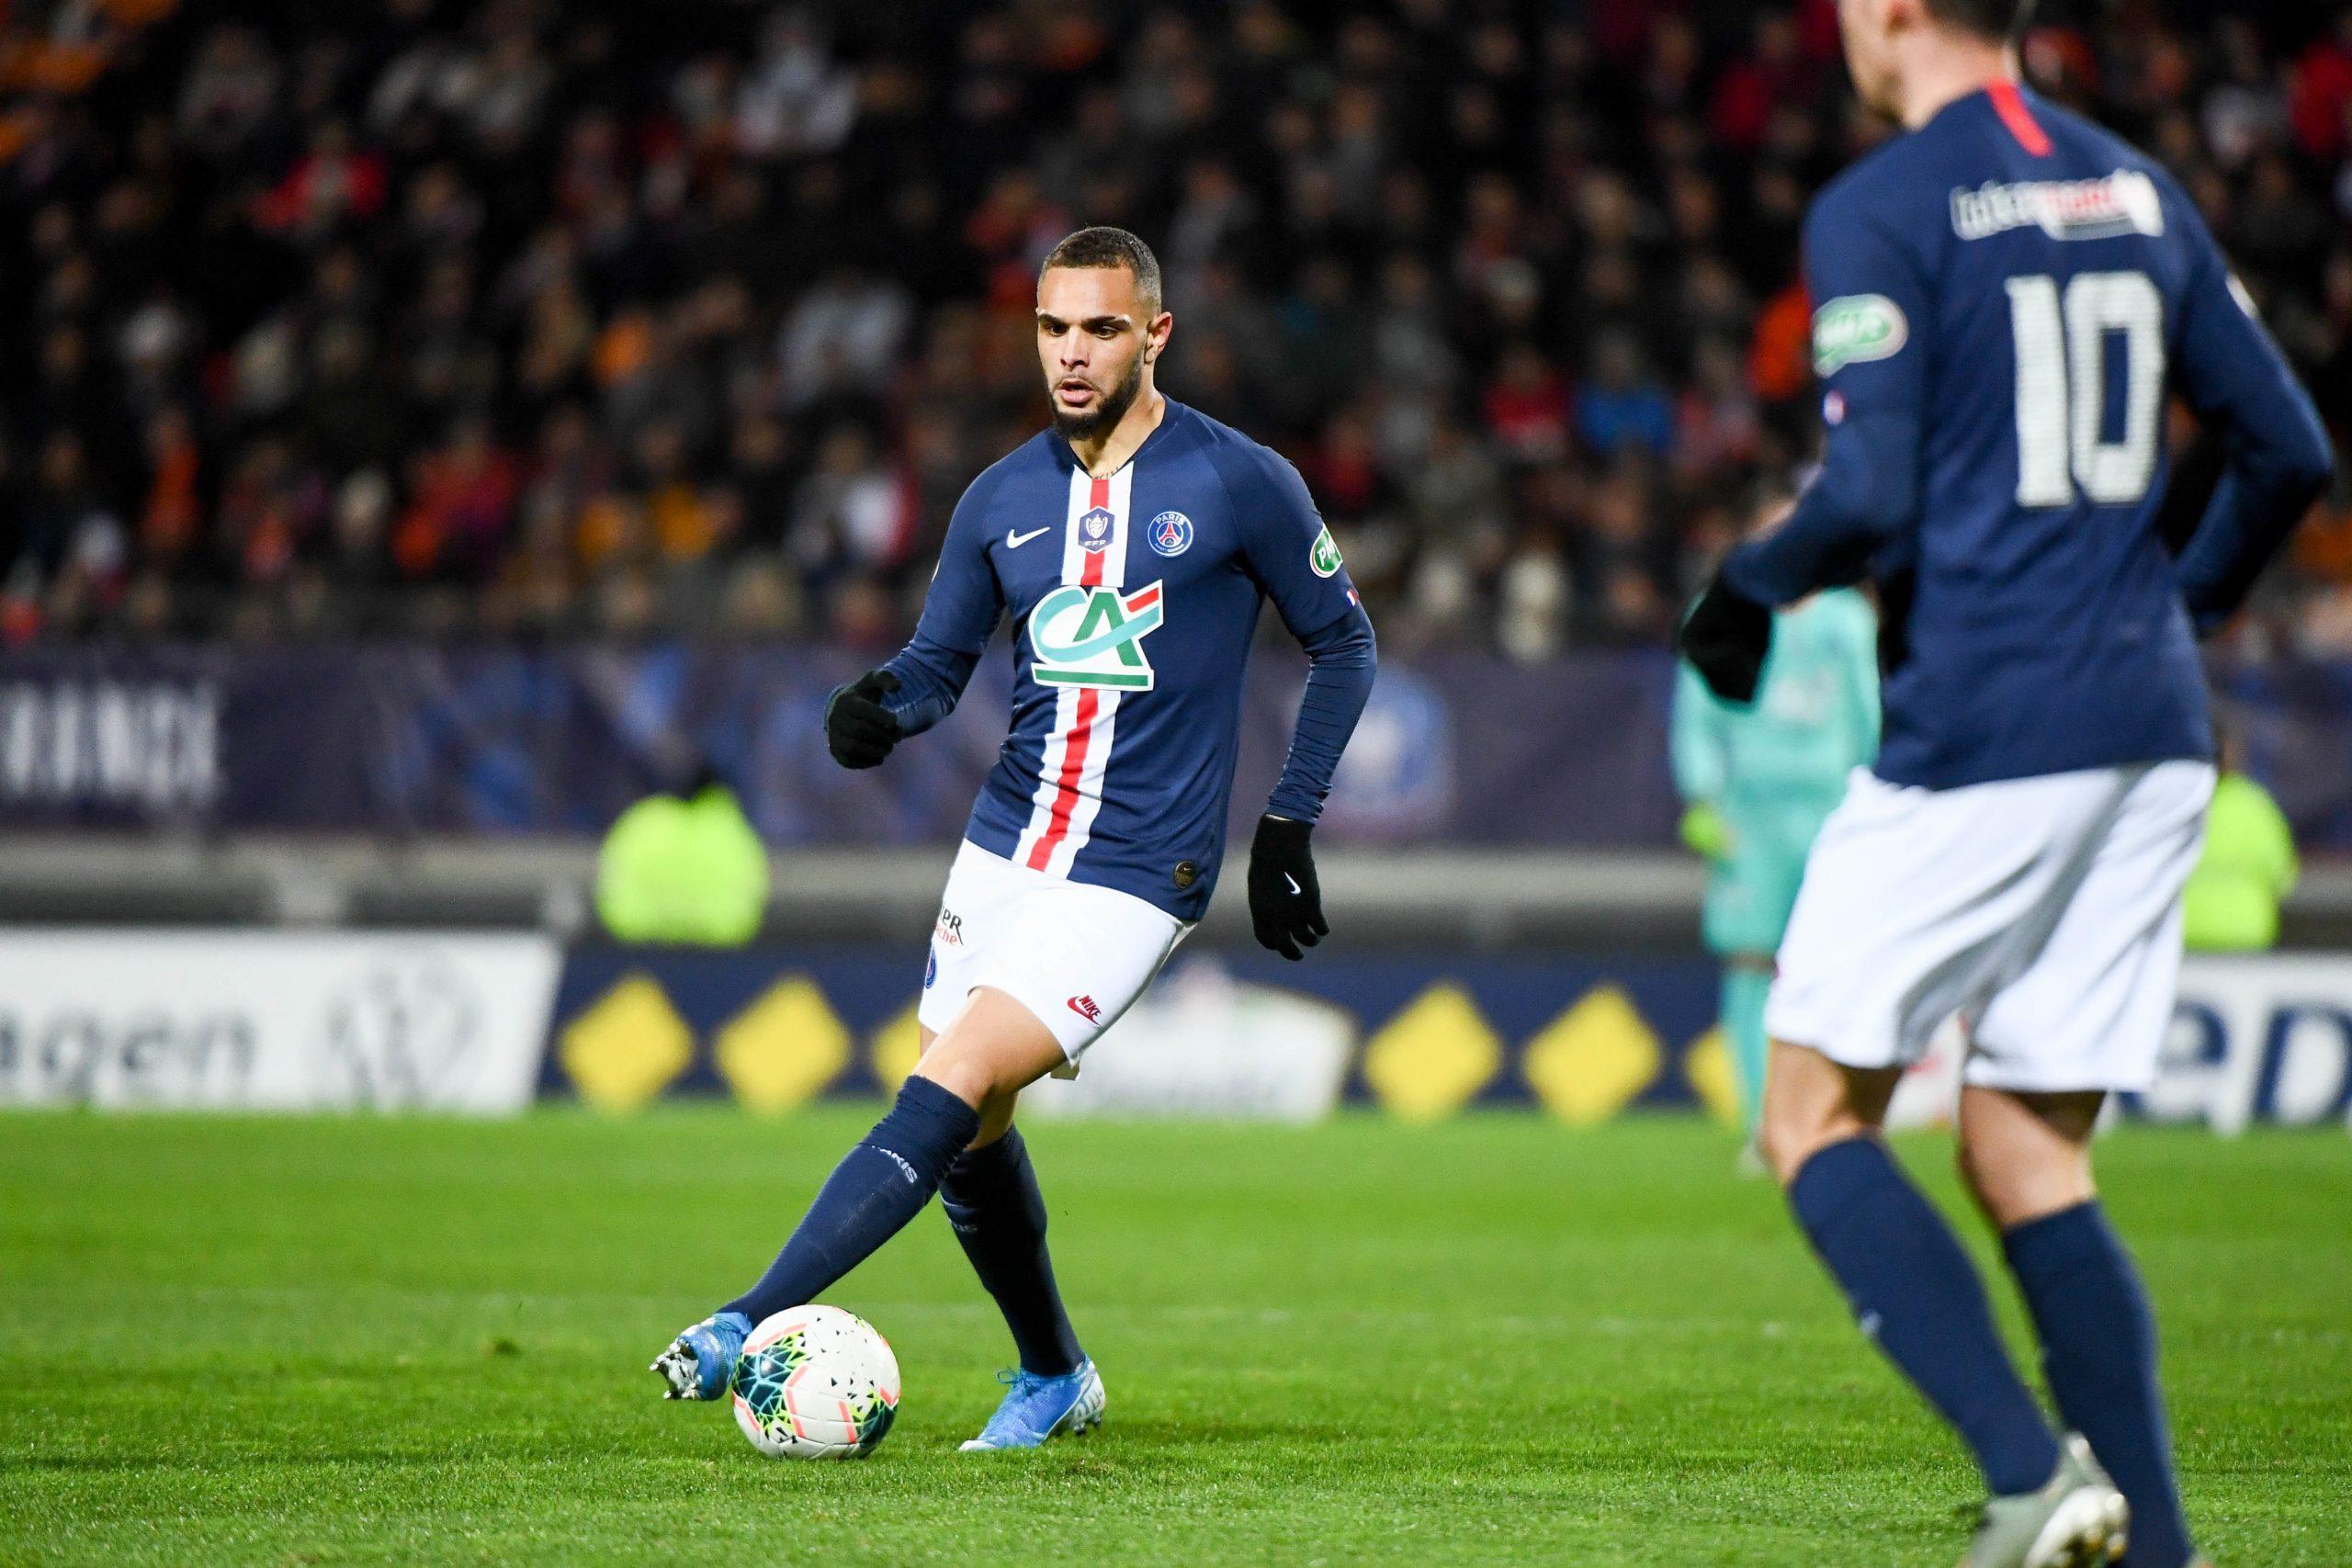 Mercato – Kurzawa d'accord pour rejoindre la Juventus Turin, il ne manque plus que l'accord De Sciglio selon Téléfoot